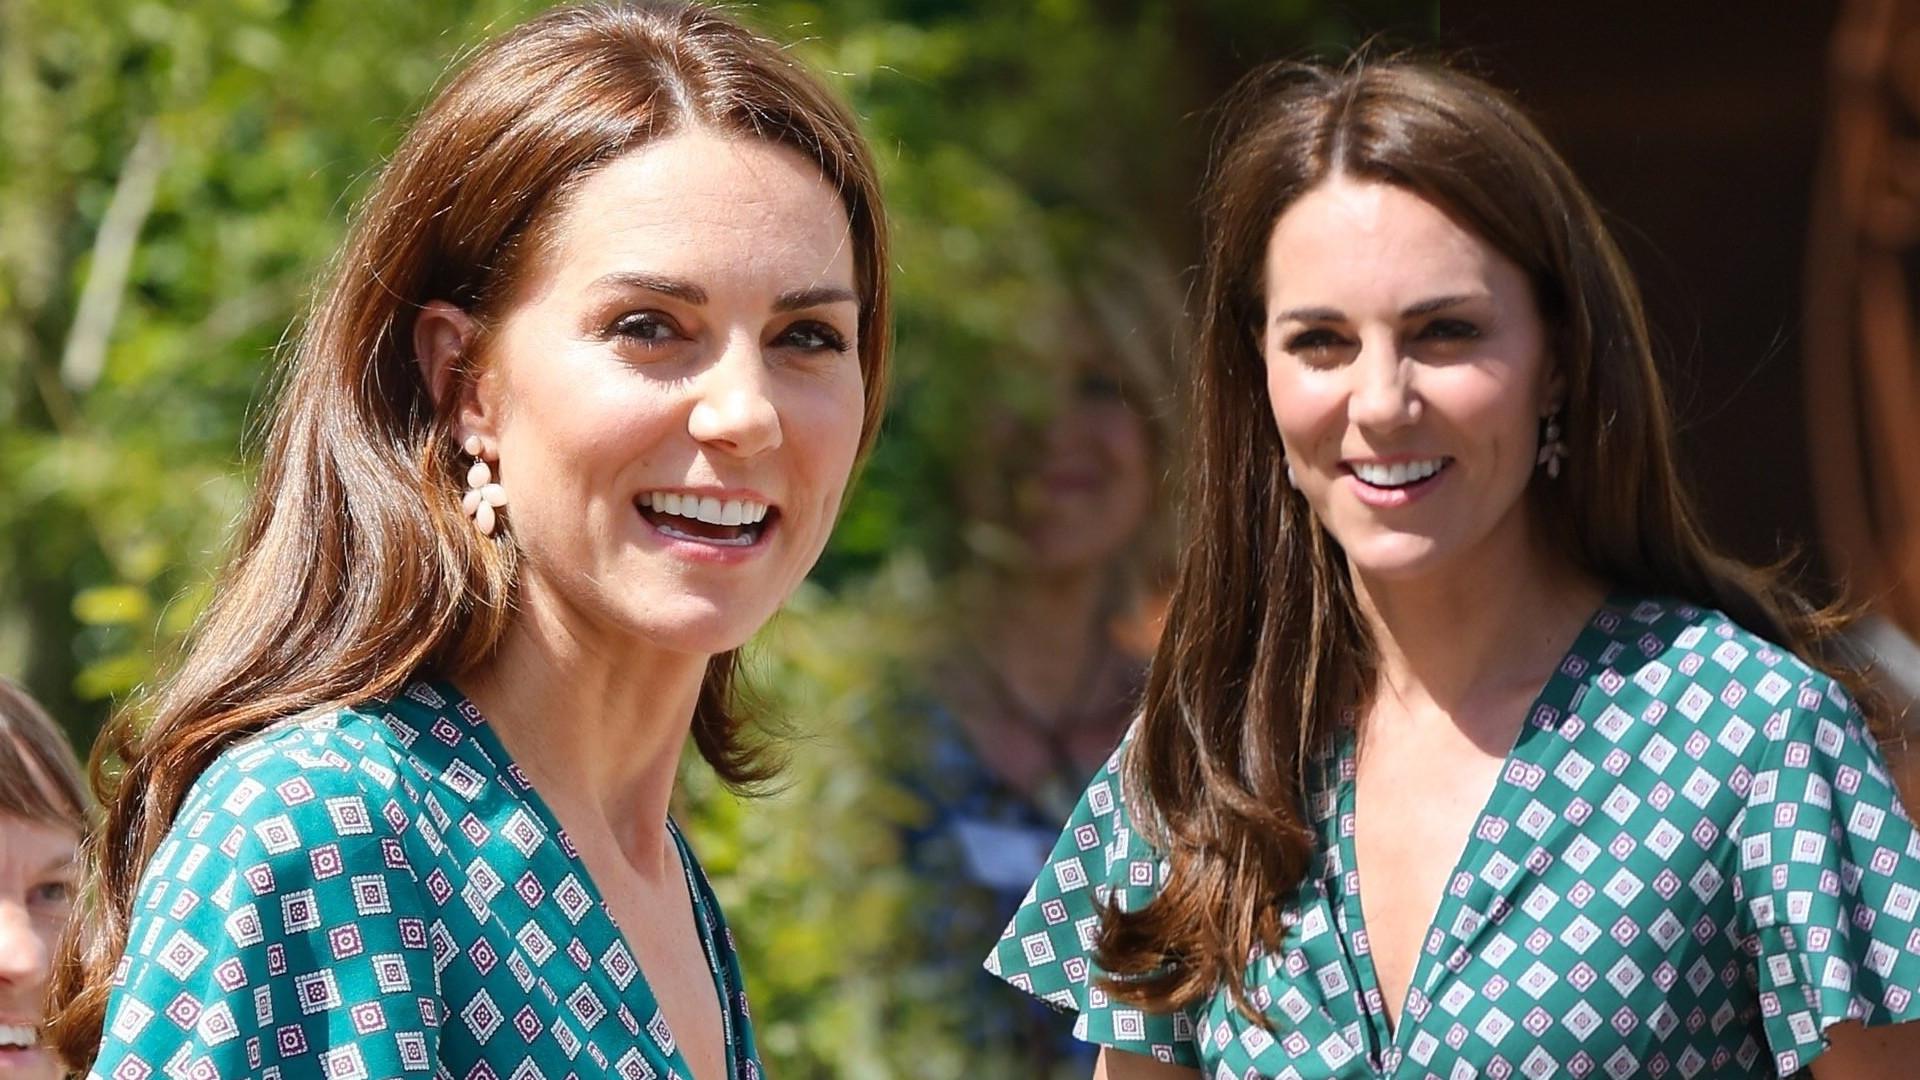 Księżna Kate na spotkaniu w ogrodzie w ZNIENAWIDZONYCH butach królowej Elżbiety (ZDJĘCIA)